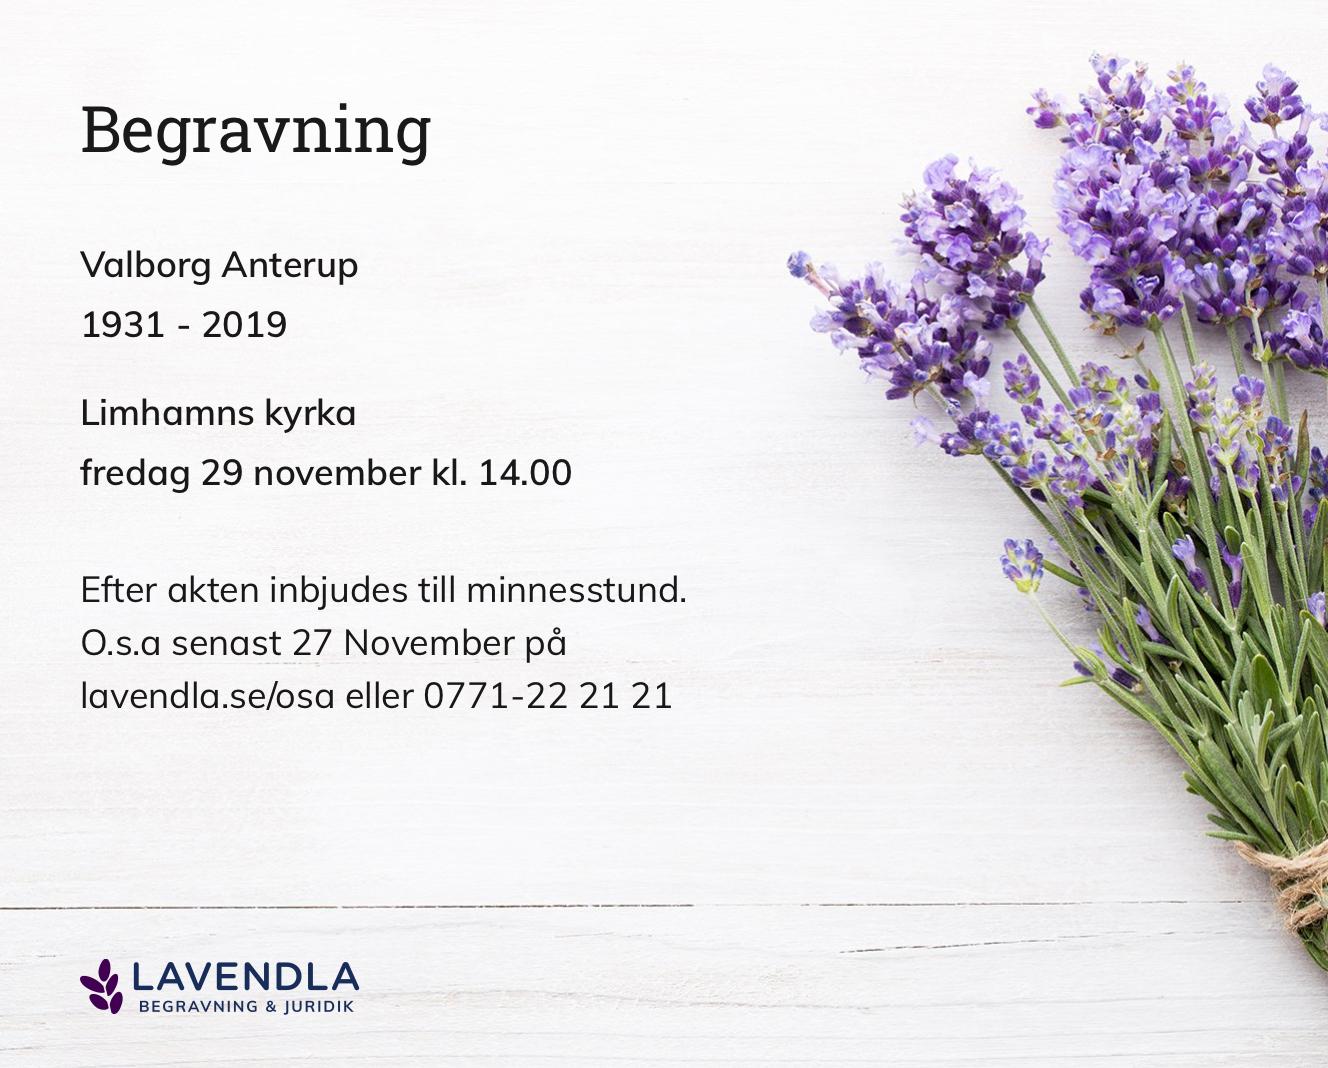 Inbjudningskort till ceremonin för Valborg Anterup